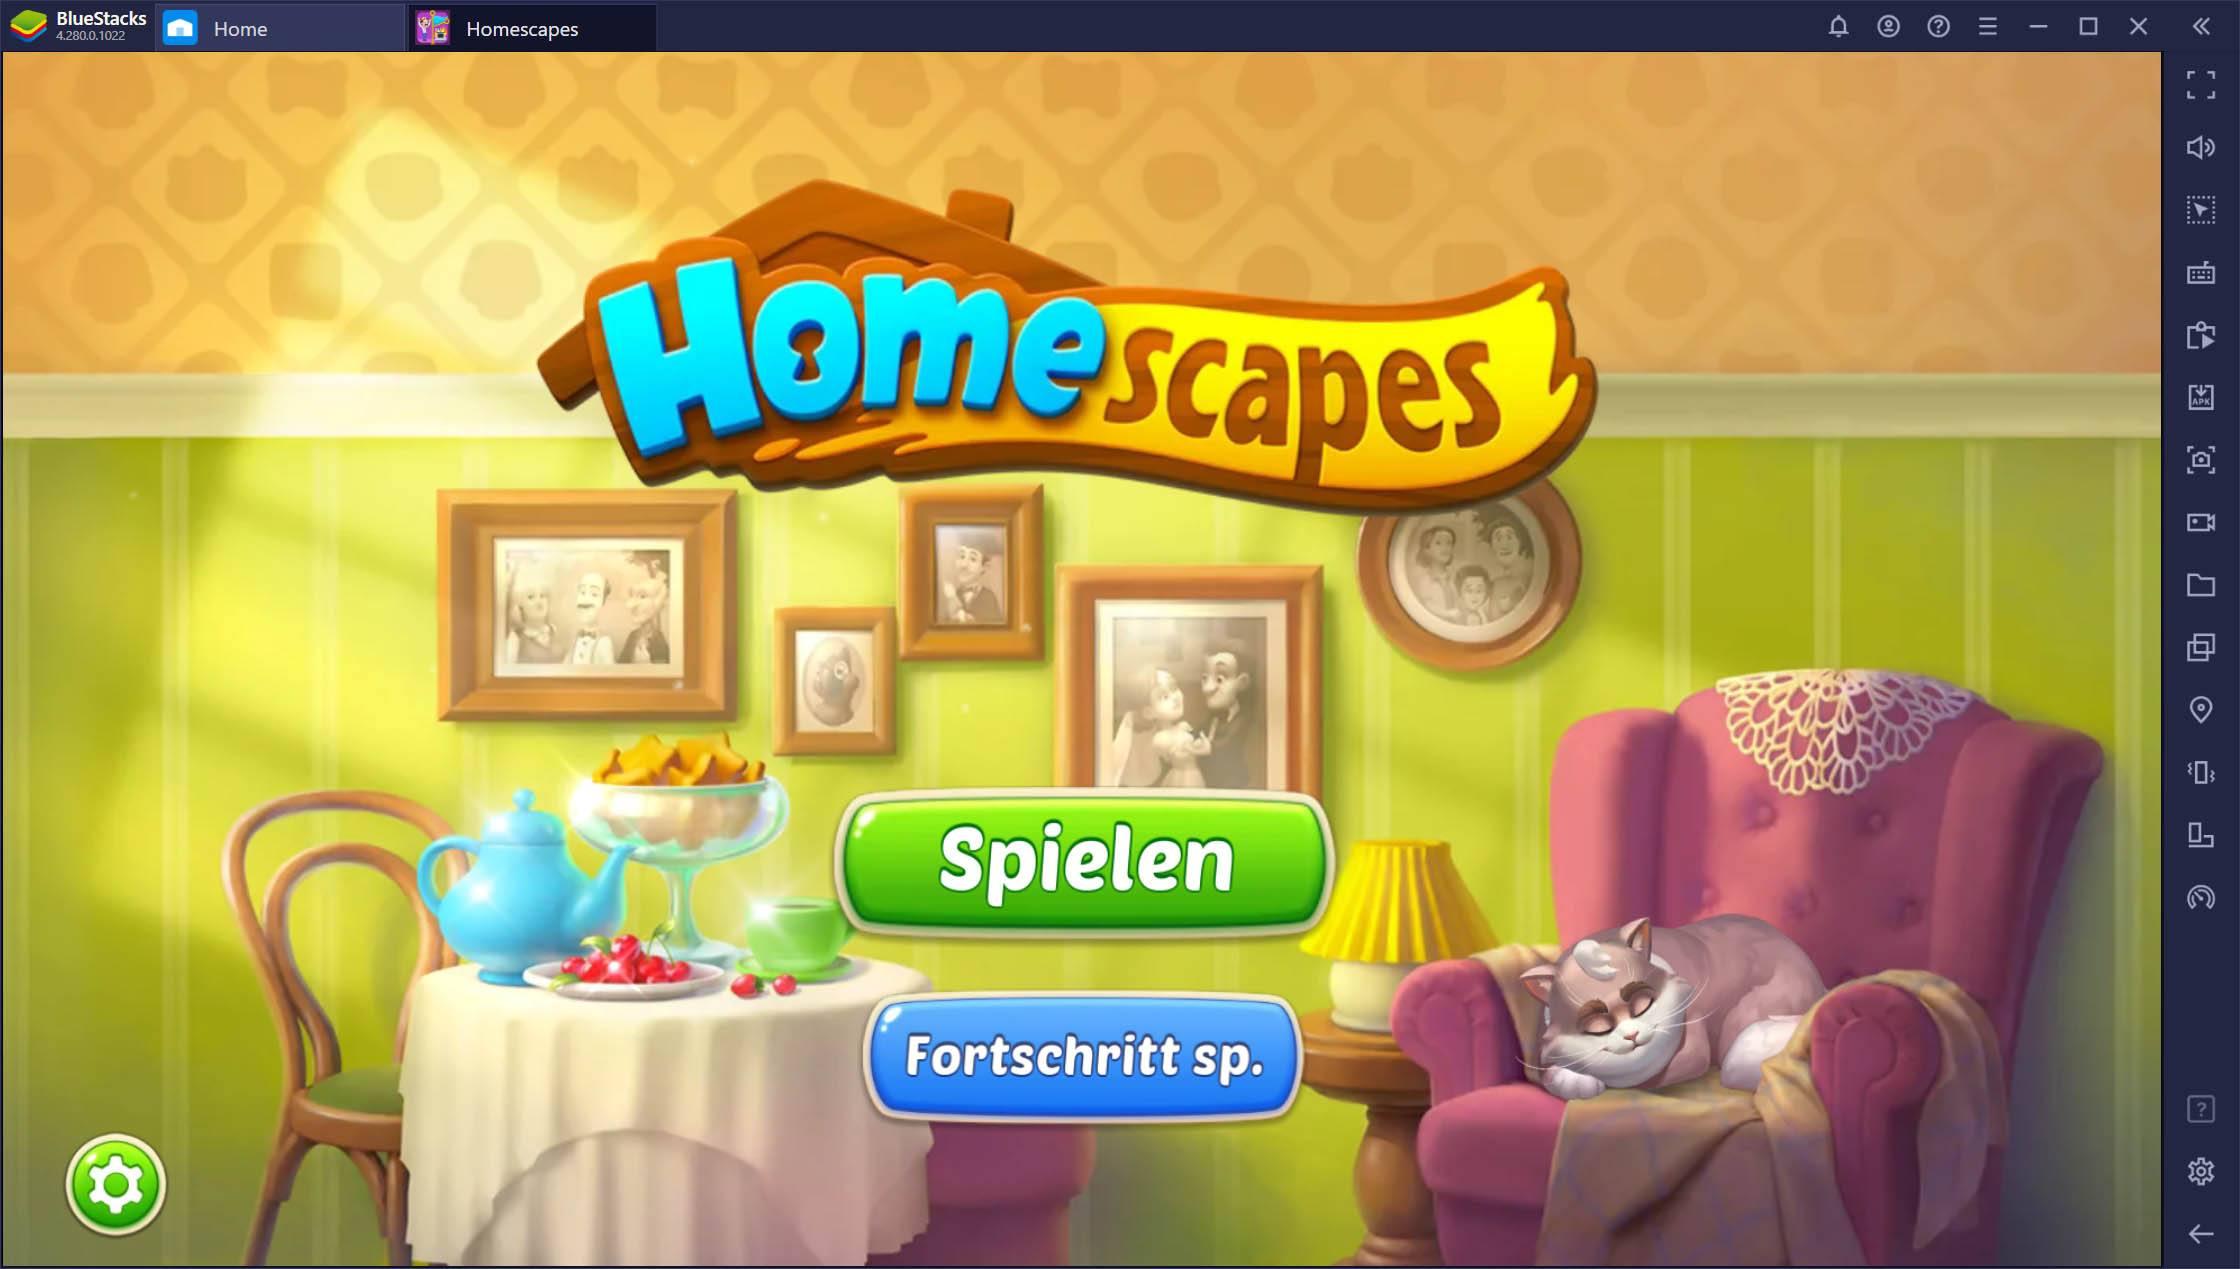 Homescapes – Die besten Tipps und Tricks, um alle Level zu gewinnen